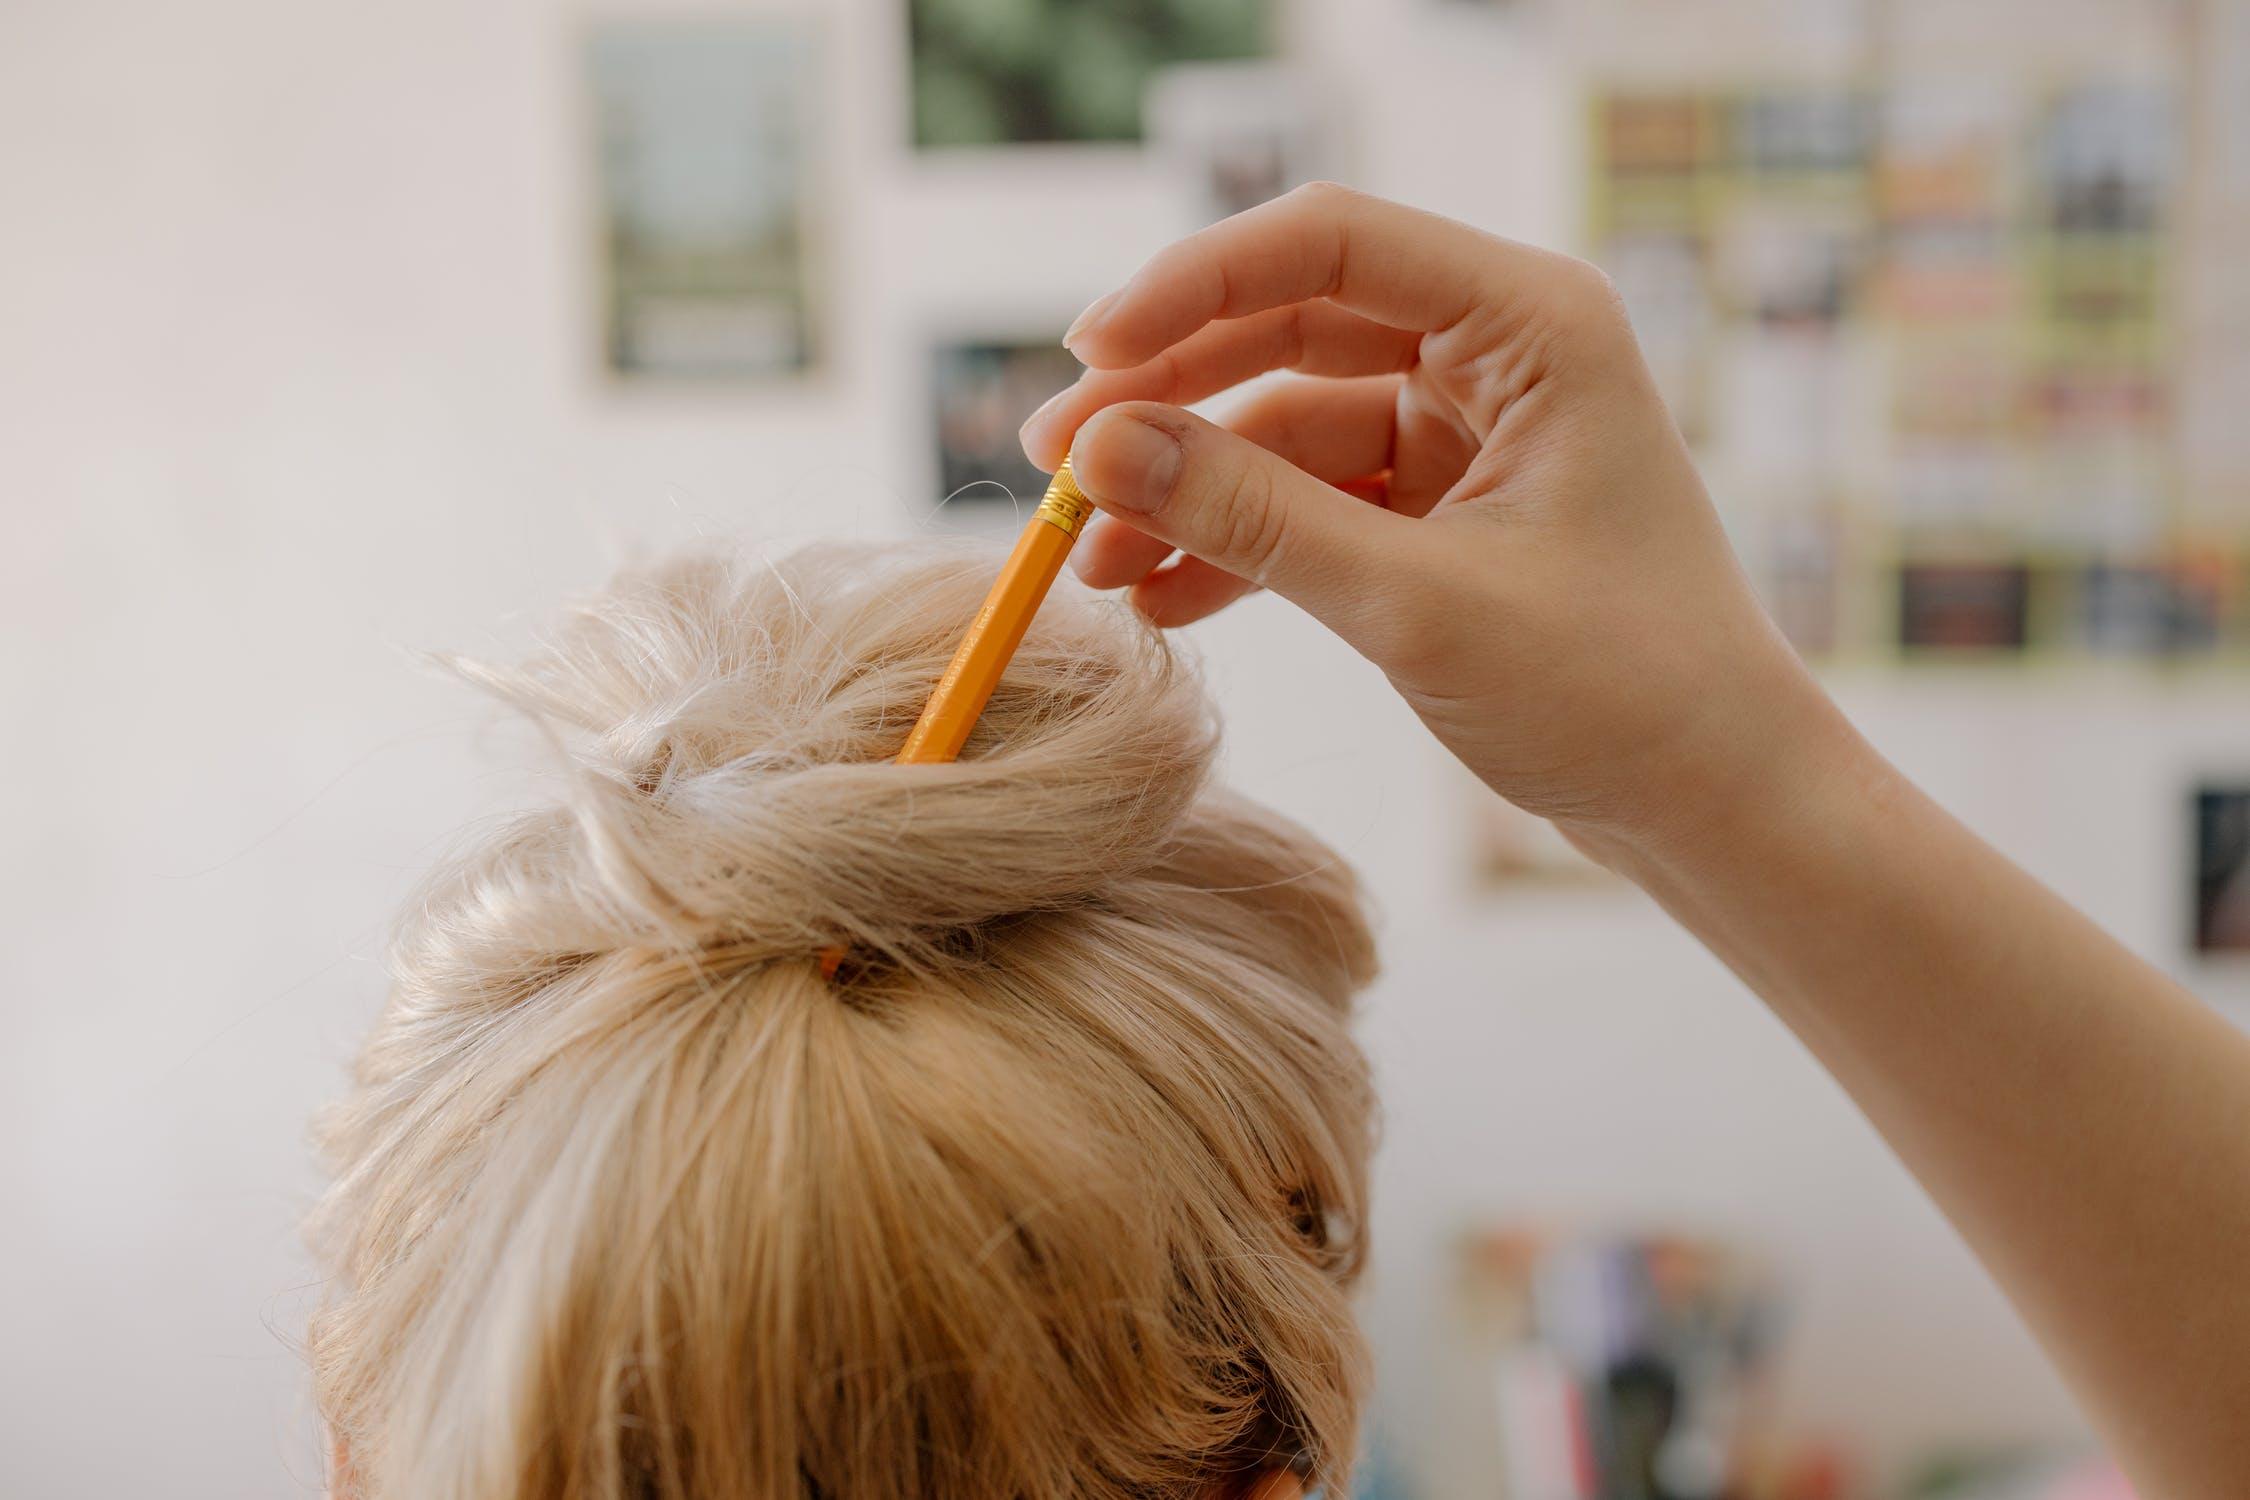 cô gái đang quấn tóc bằng bút chì